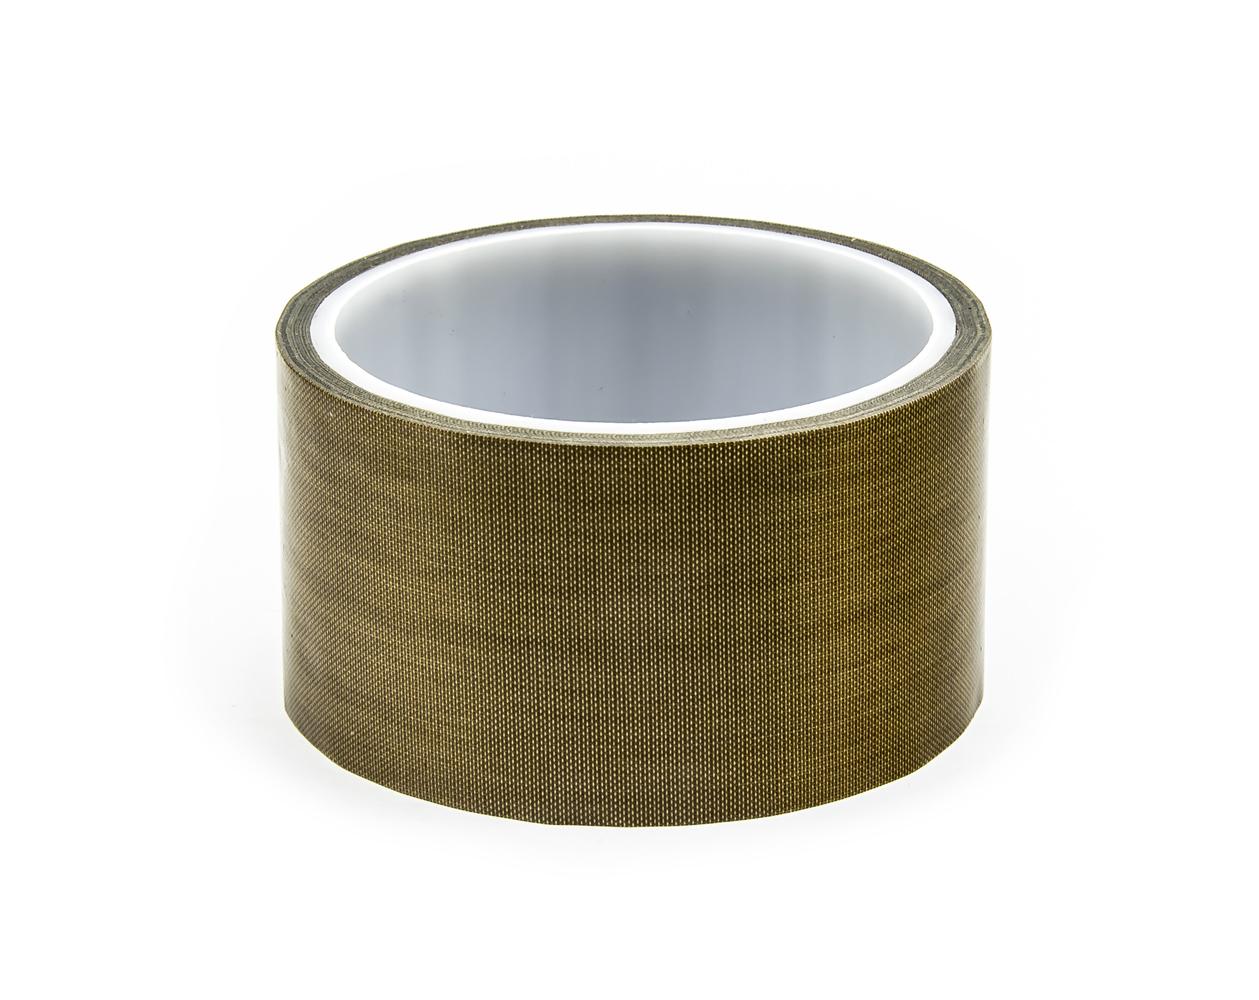 Tepluodolná teflonovaná PTFE páska pro svářečky fólií, šíře 50 mm